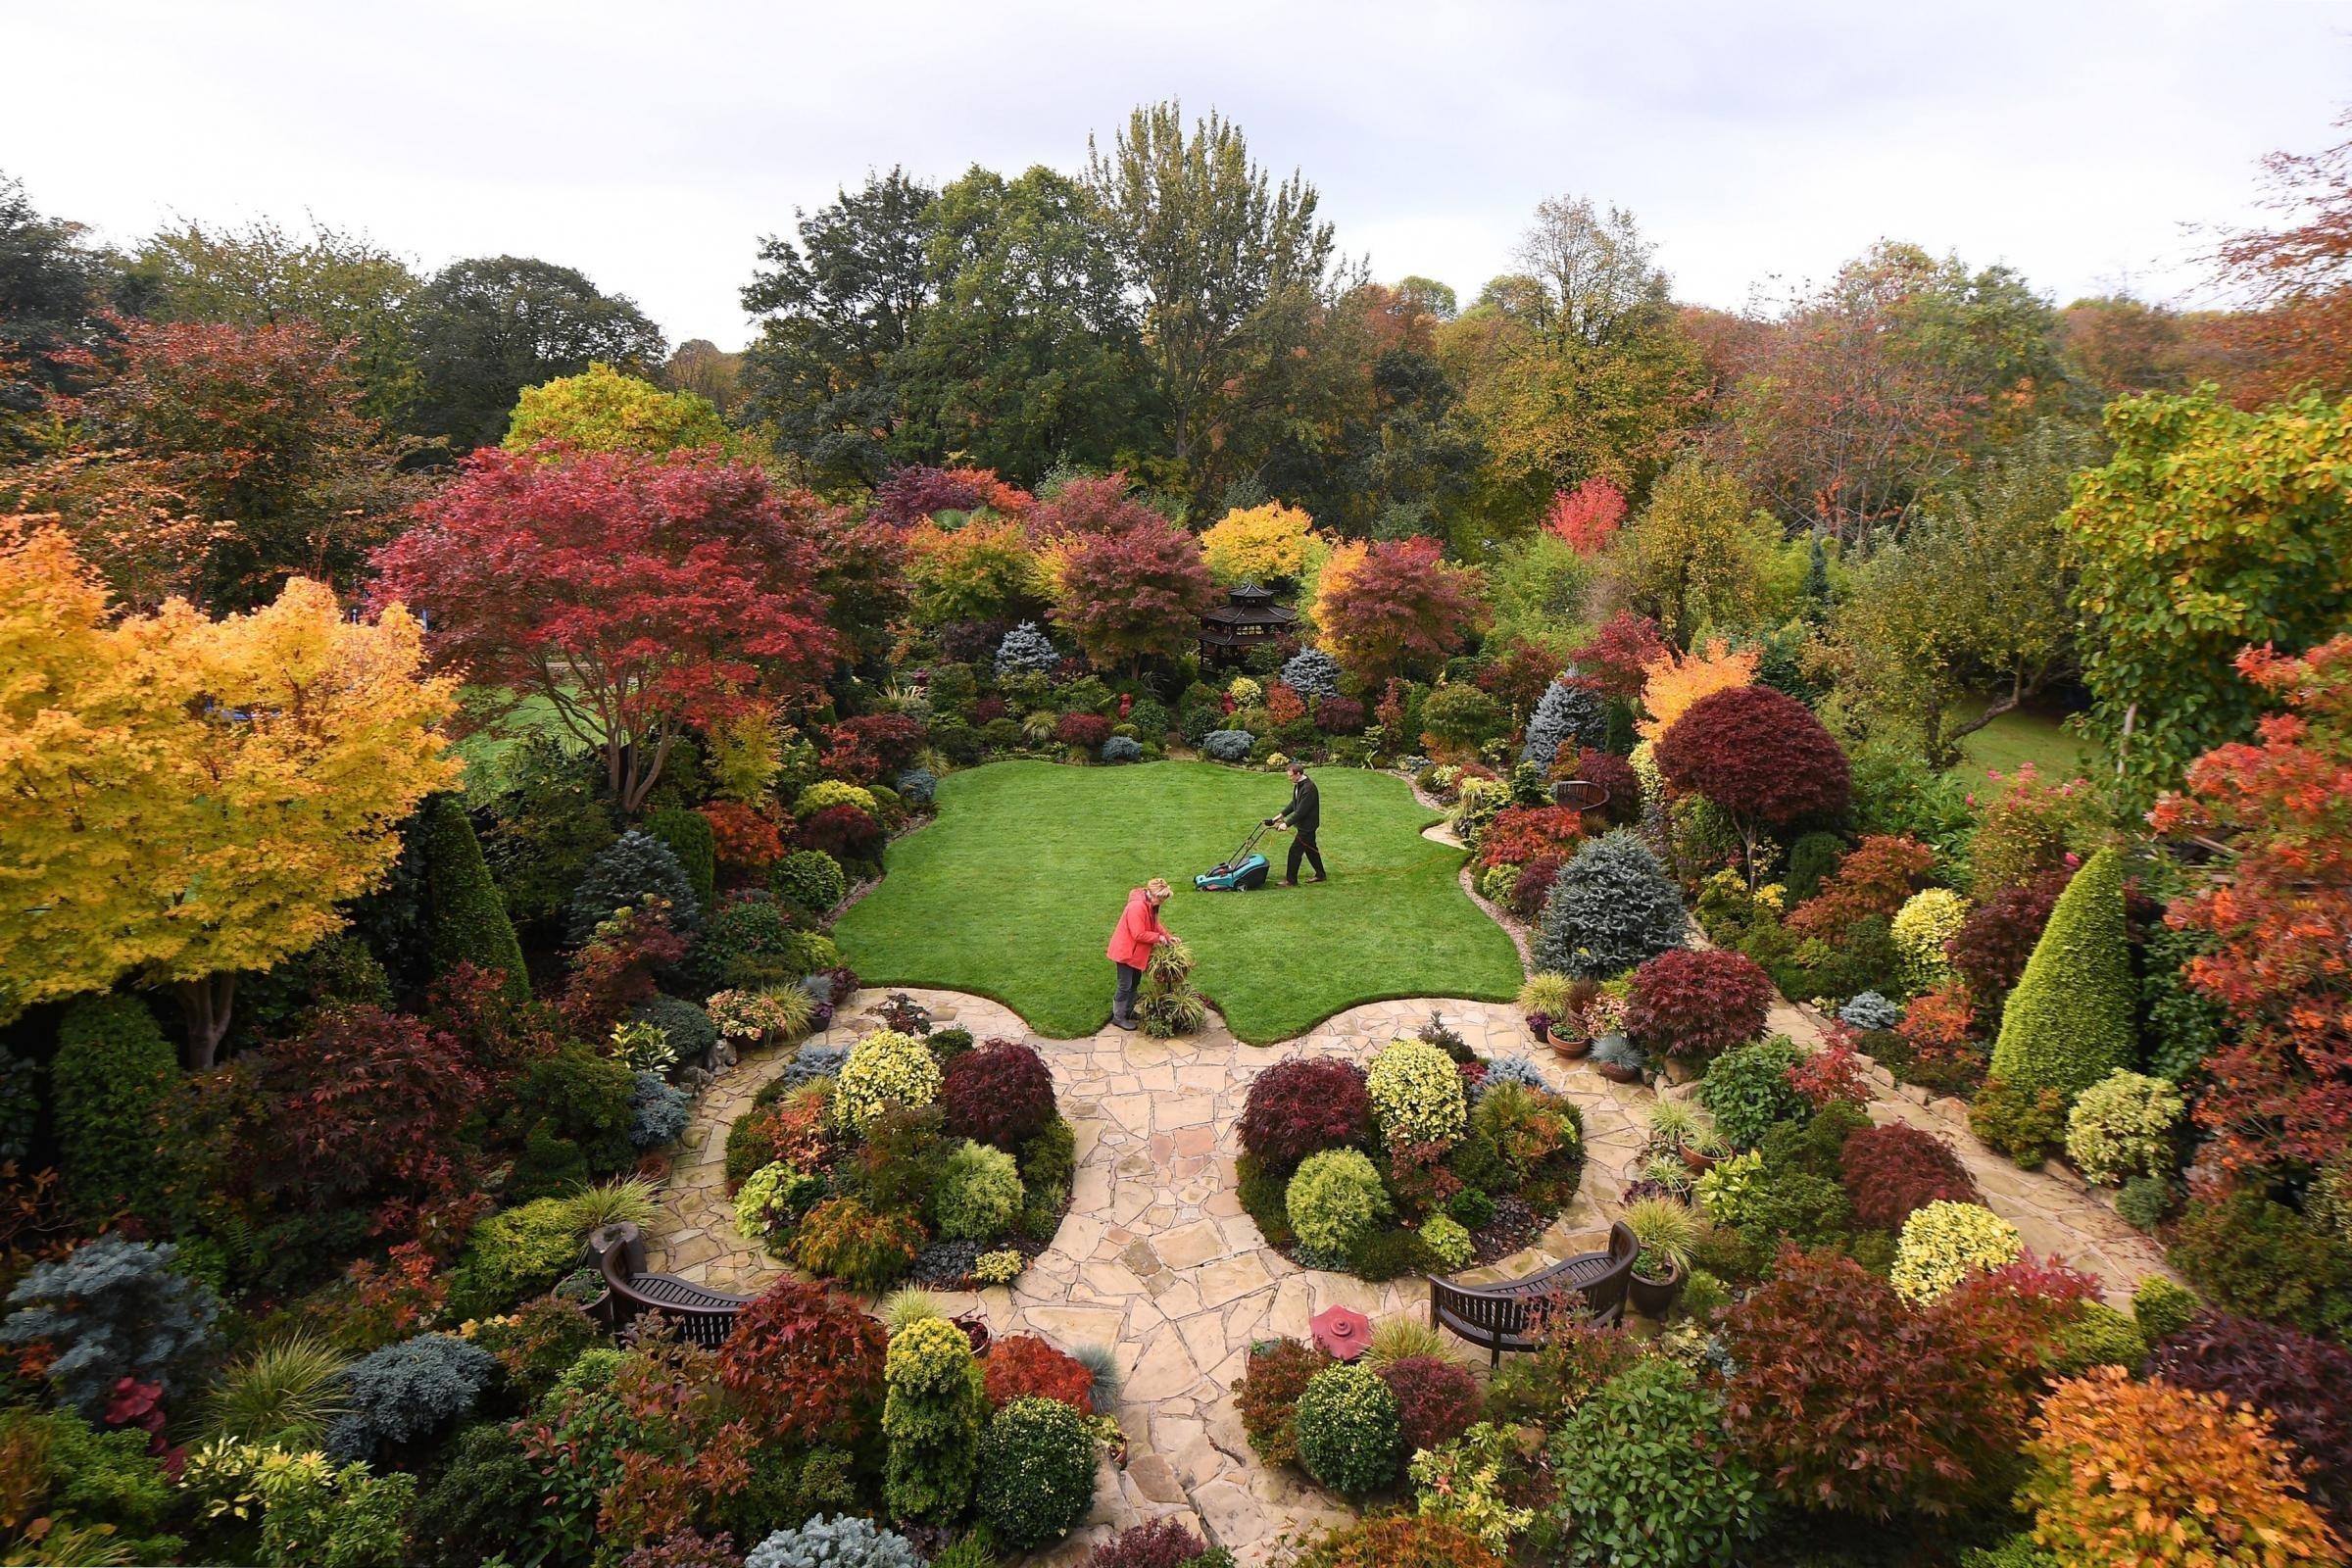 Zahrada Four Seasons, která se nachází v anglickém hrabství West Midlands a získala již řadu národních ocenění, patří manželům Tonymu a Marii Newtonovým a ti ji začali budovat v roce 1982. Od té doby se jejich zahrada značně proslavila a díky jejich nezměrné péči je krásná v každou roční dobu a na podzim navíc hraje všemi barvami.